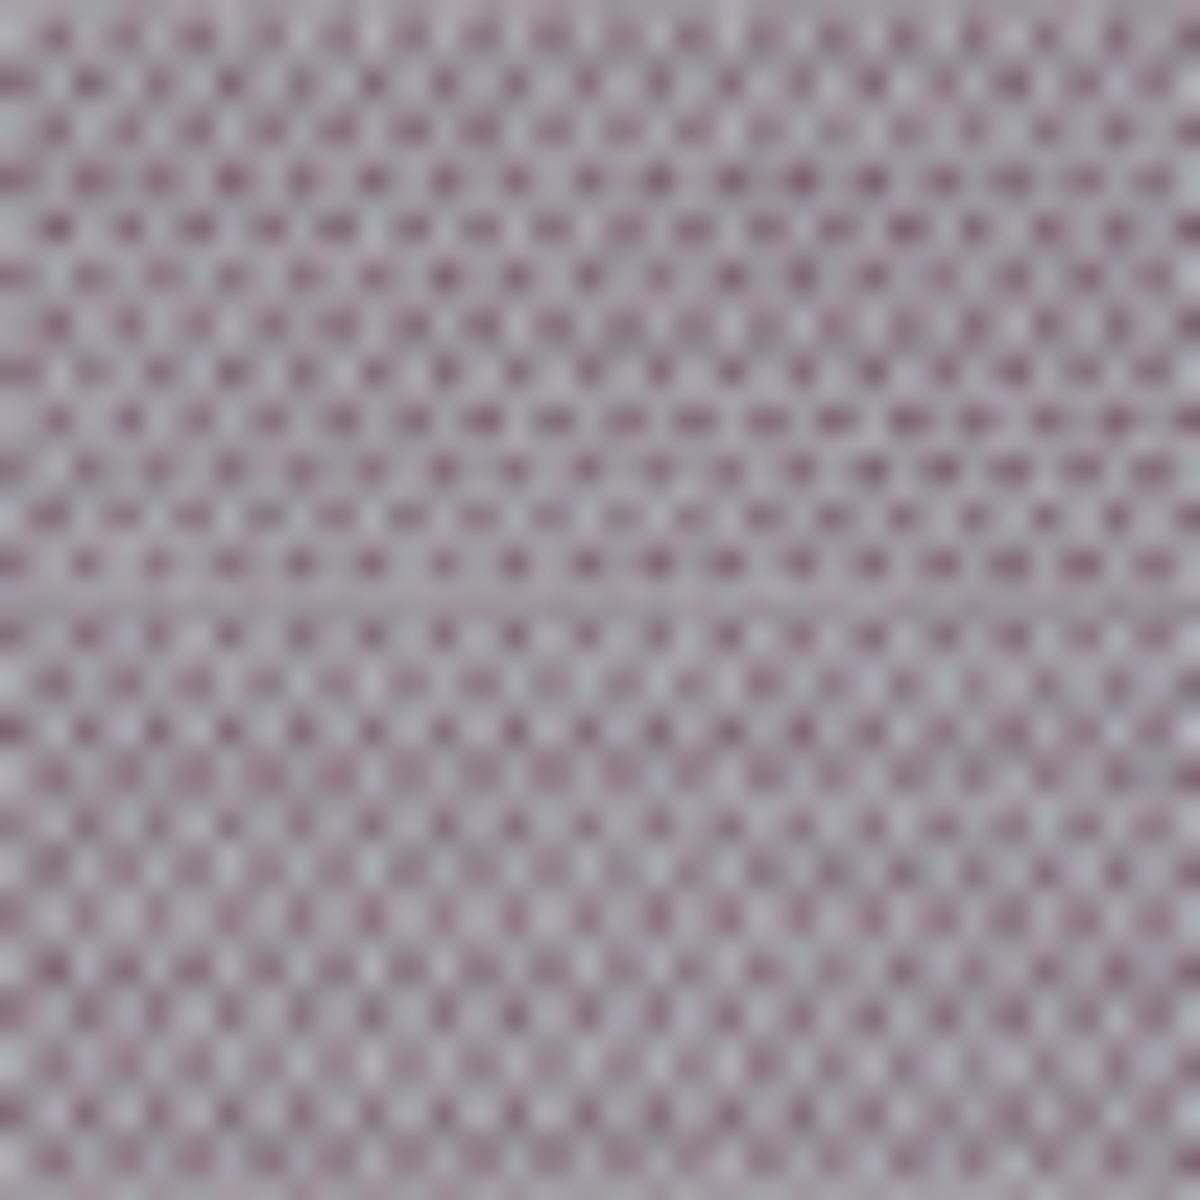 37333 Xplory-LOTUSPINK-textile-colour-web-swatch-50x50px web